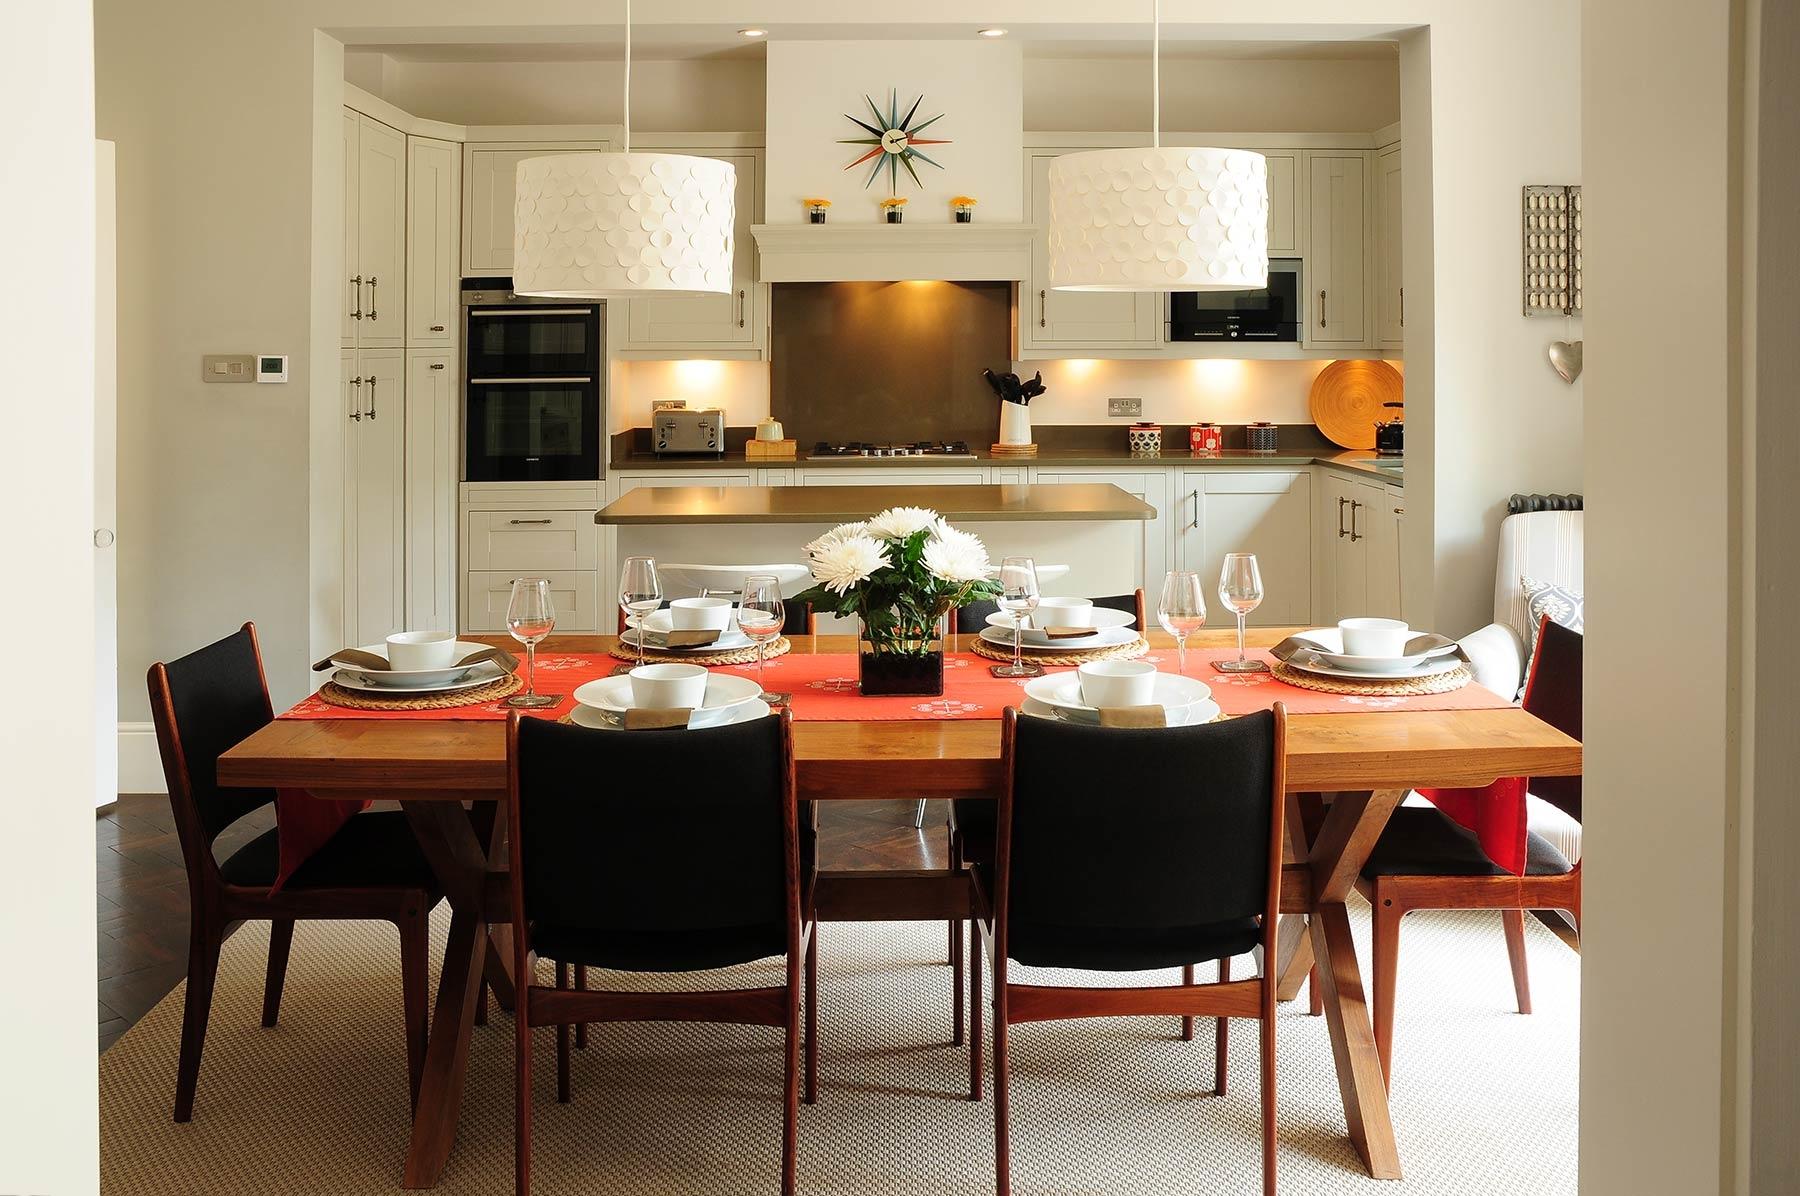 Interior Design Keston - Kitchen & Dining Area